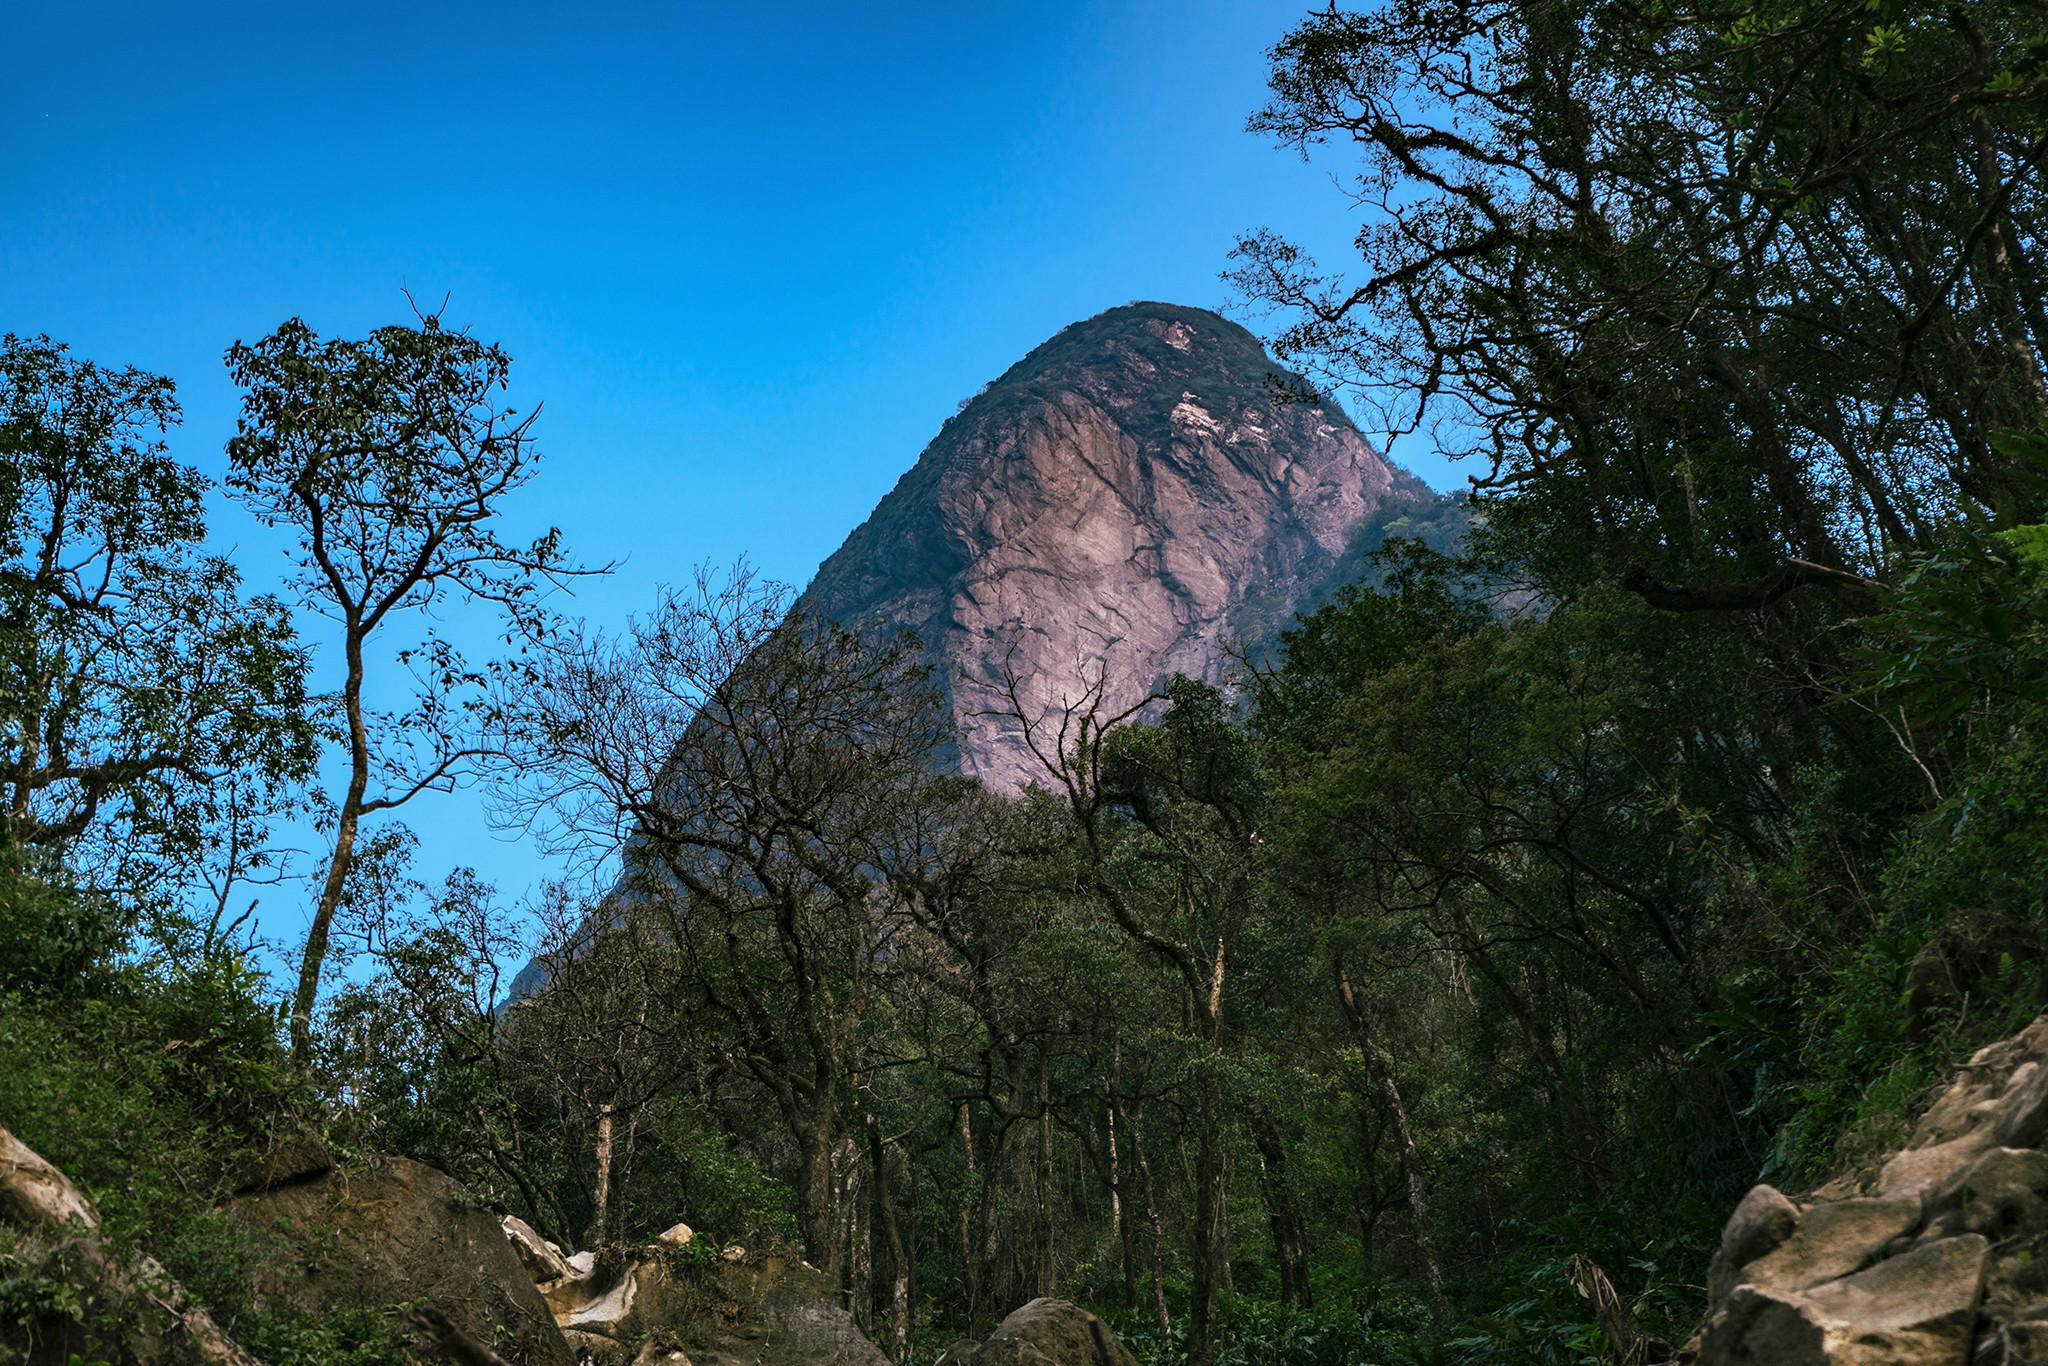 Nam Kang Ho Tao - đỉnh núi của huyền thoại (Ảnh sưu tầm)